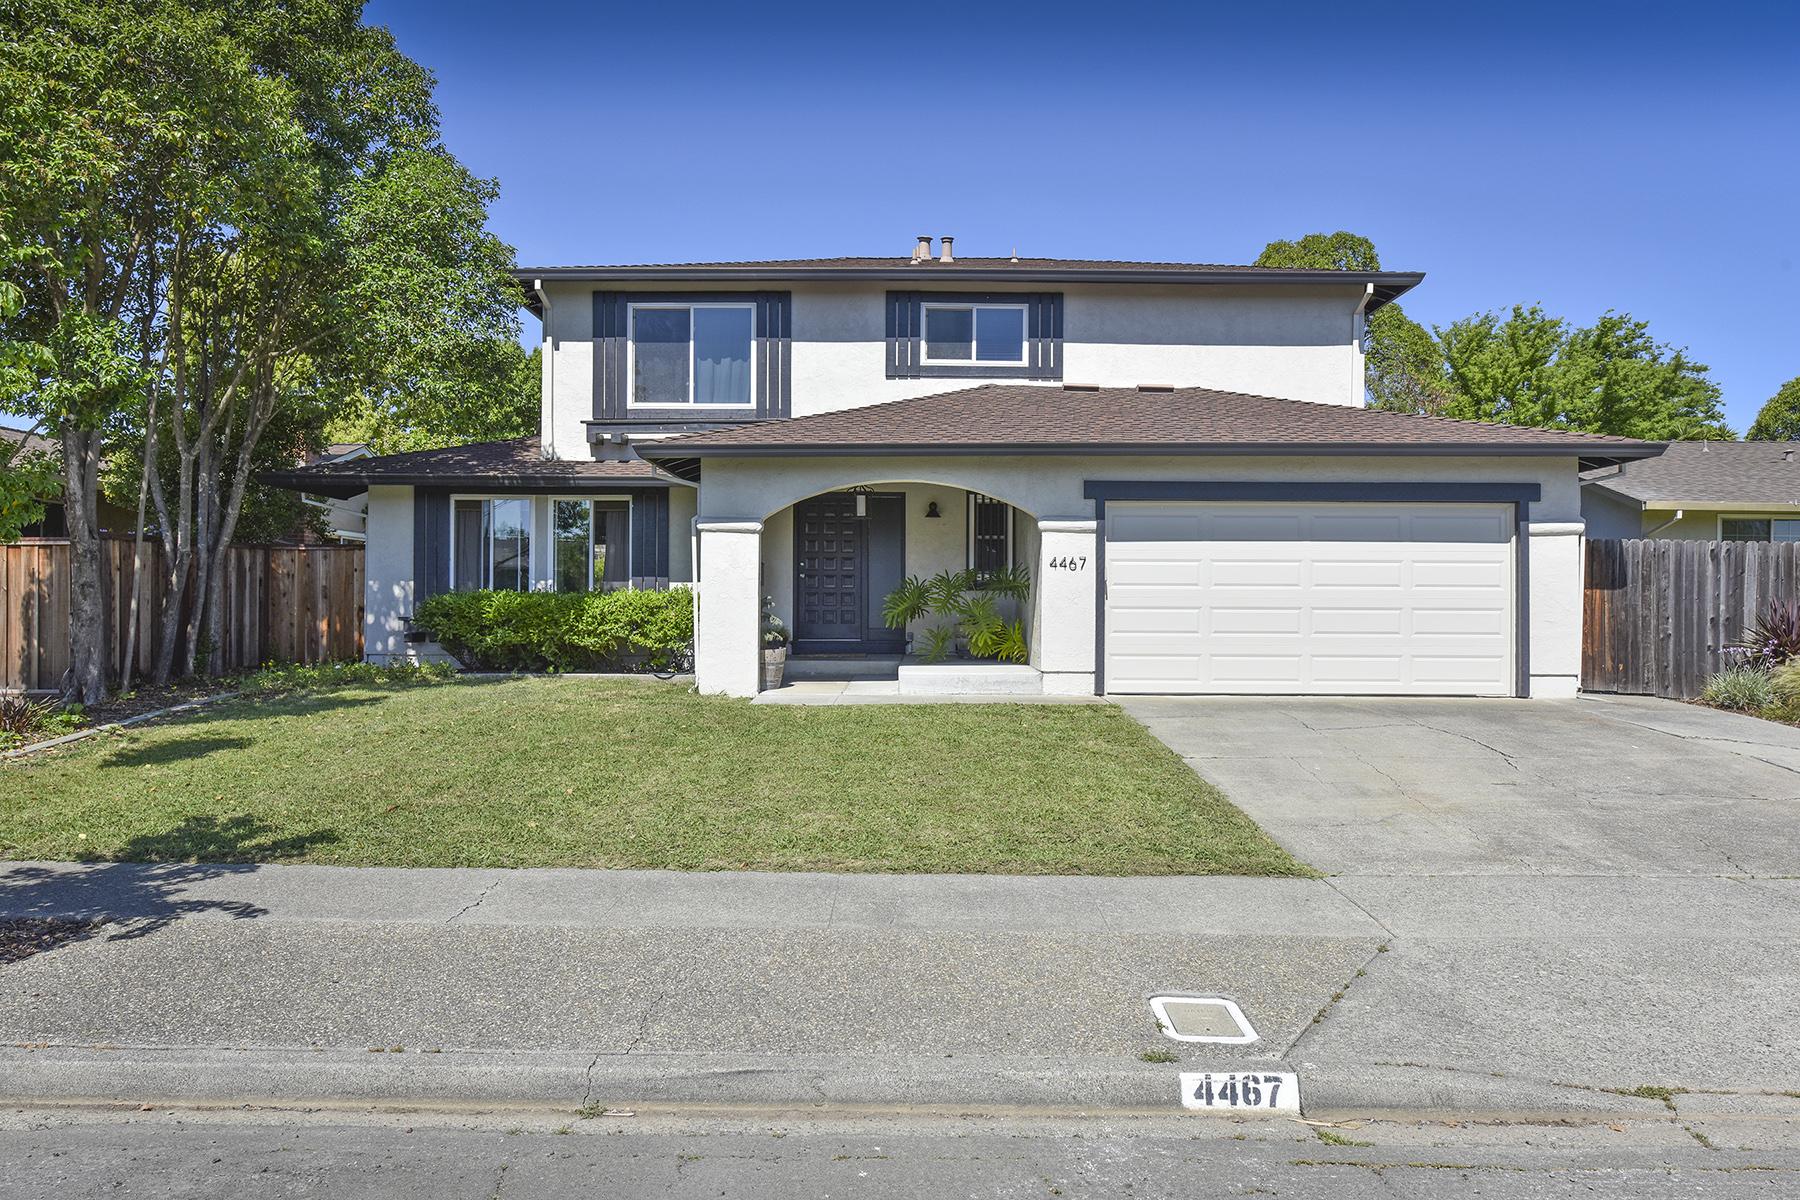 独户住宅 为 销售 在 4467 Tanglewood Way, Napa, CA 94558 4467 Tanglewood Way 纳帕, 加利福尼亚州, 94558 美国